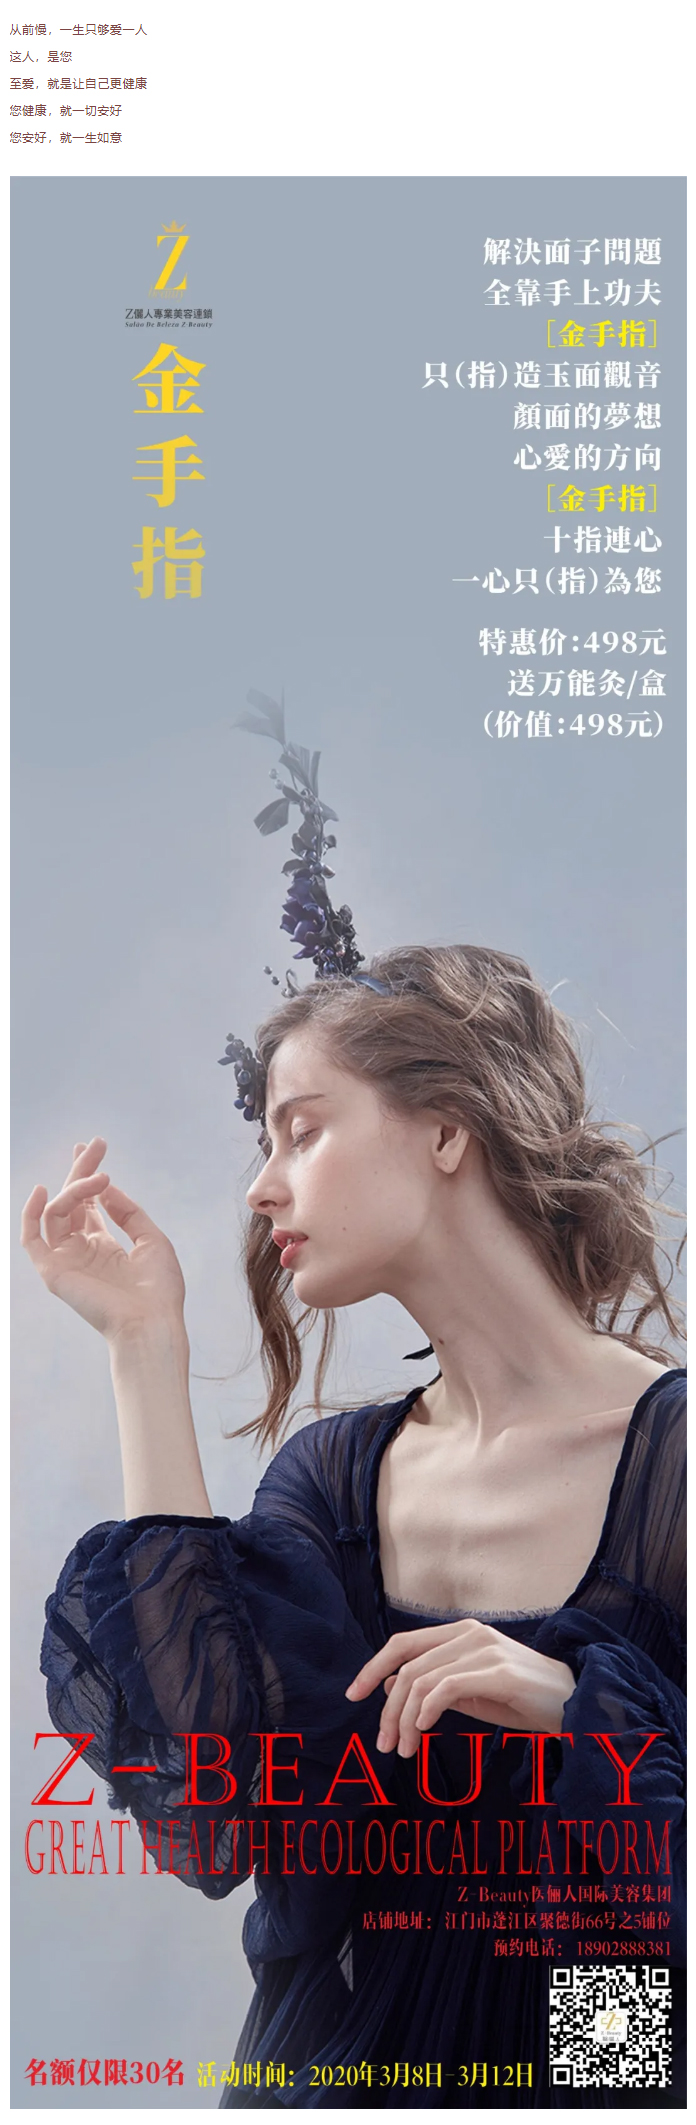 Z-Beauty-精致有你-有礼有节_02.jpg